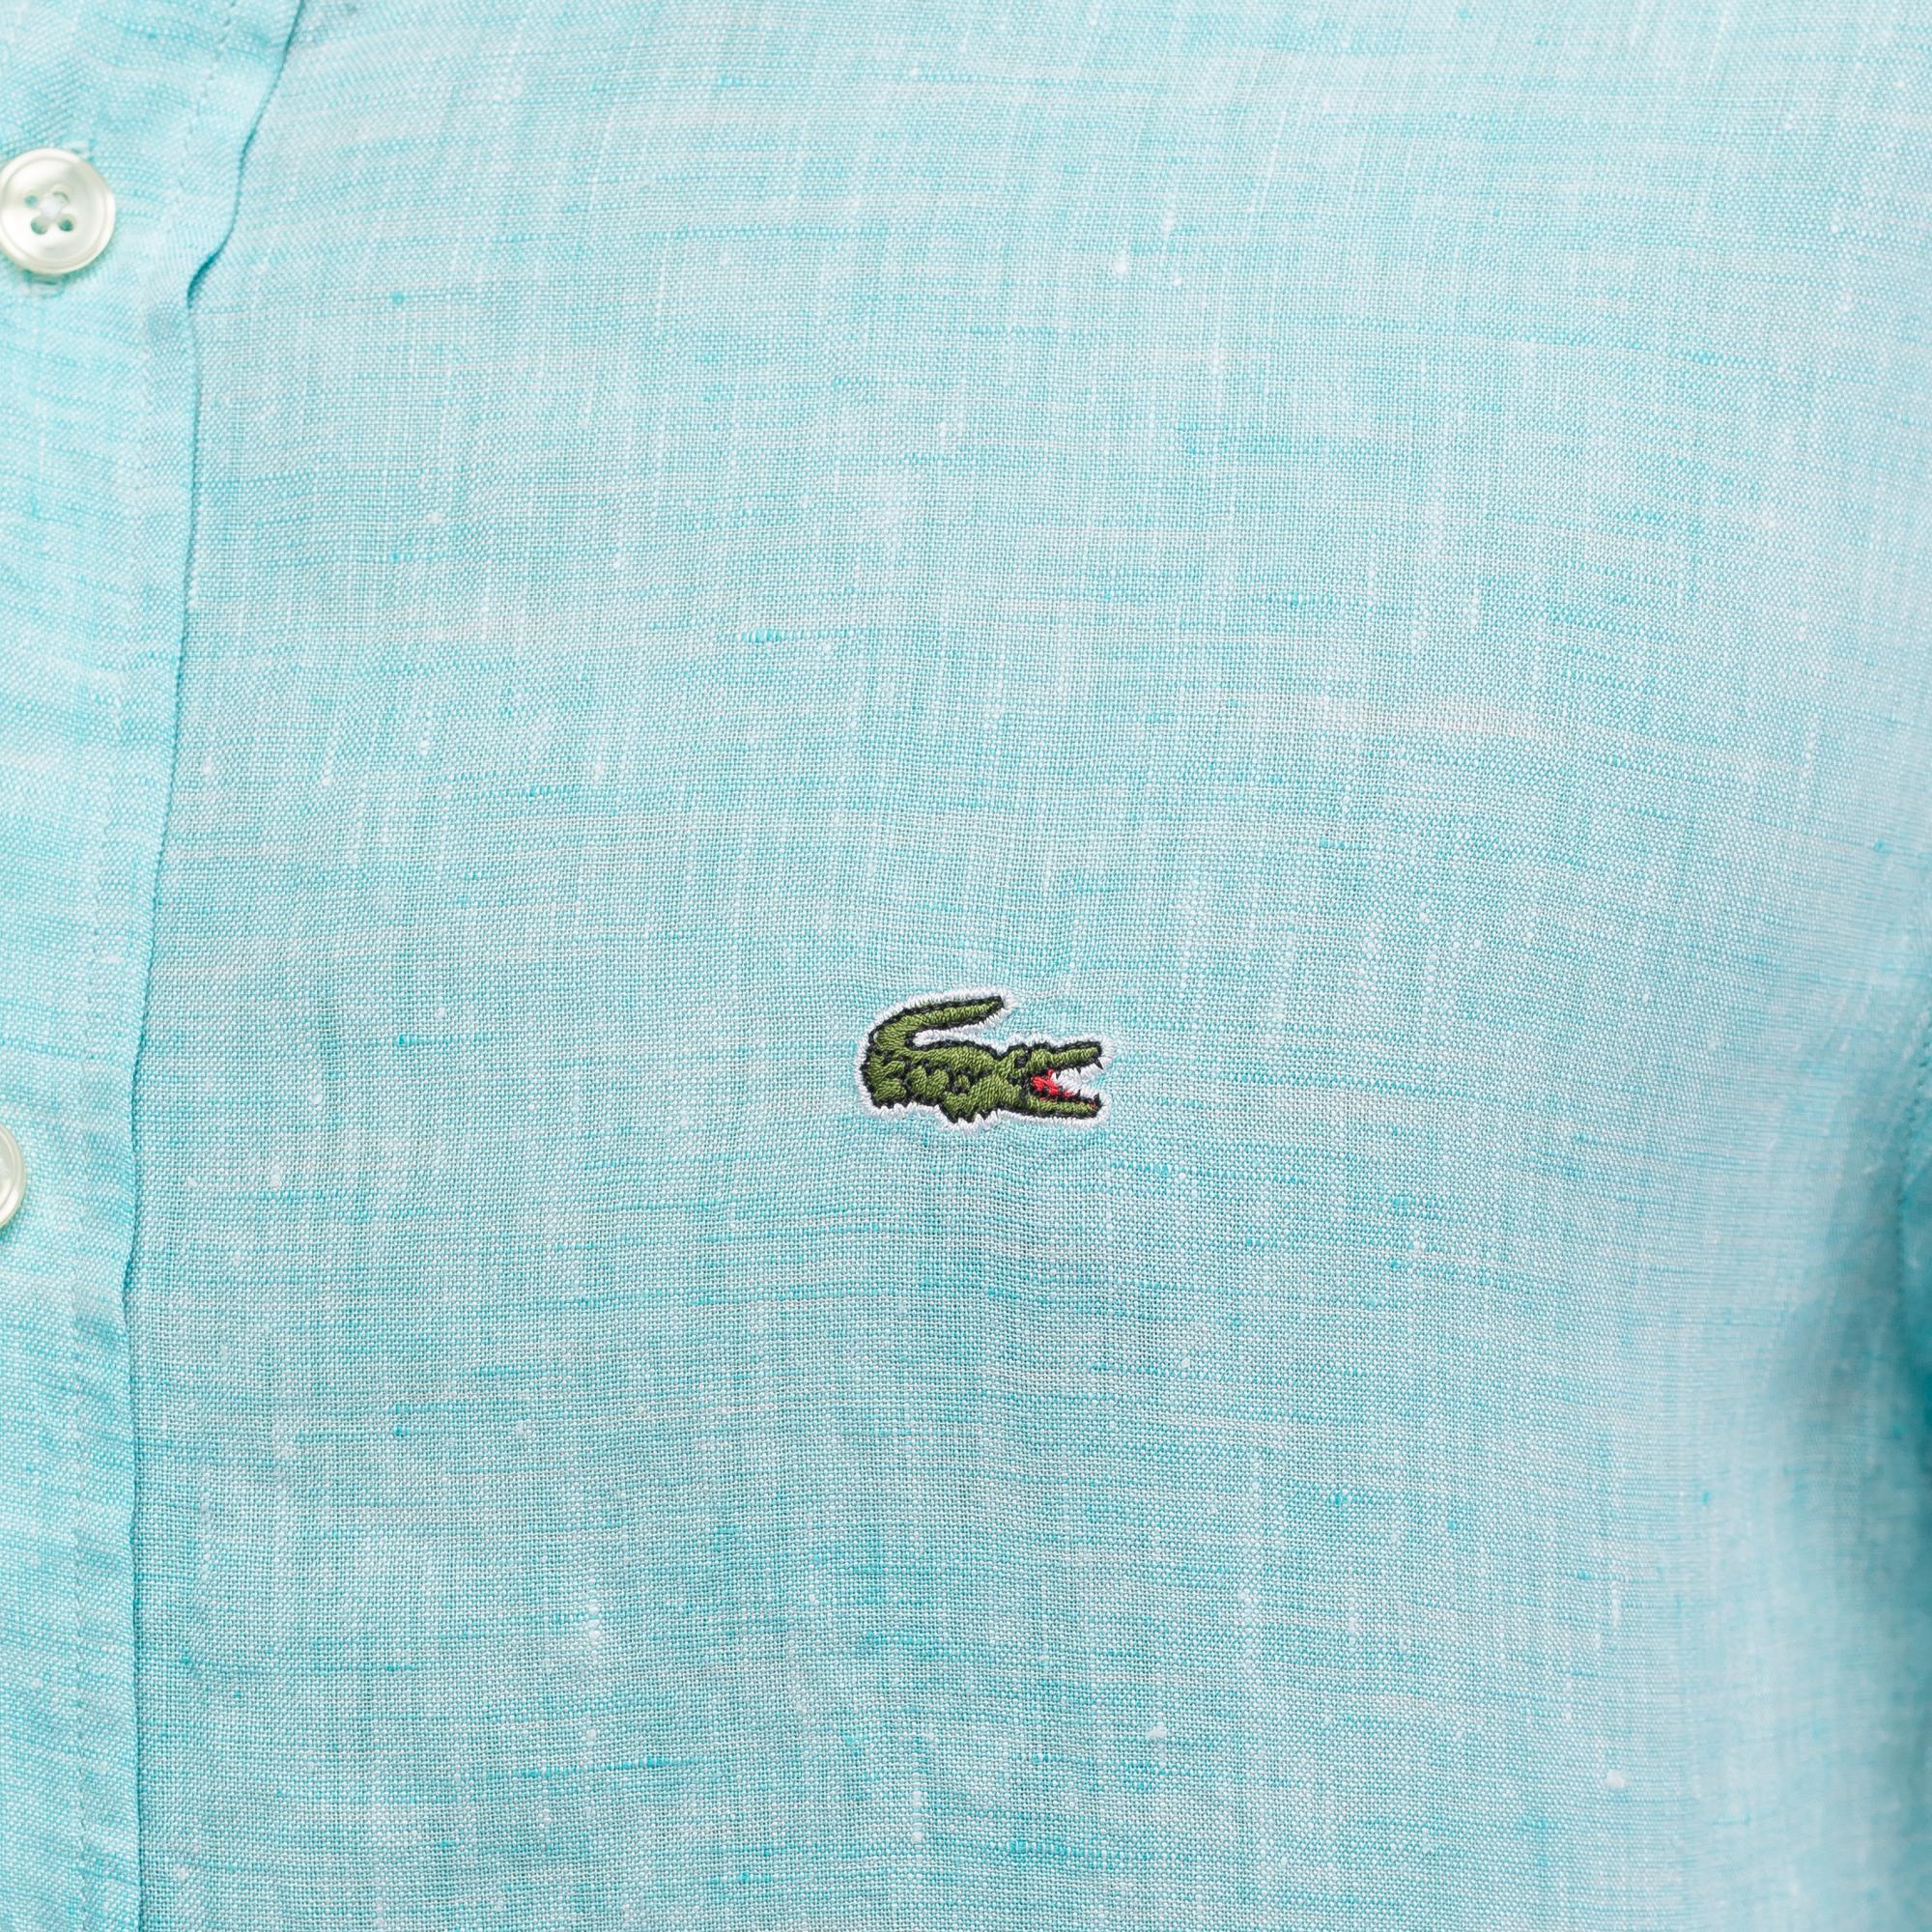 Фото 5 - Рубашку Lacoste Regular fit бирюзового цвета